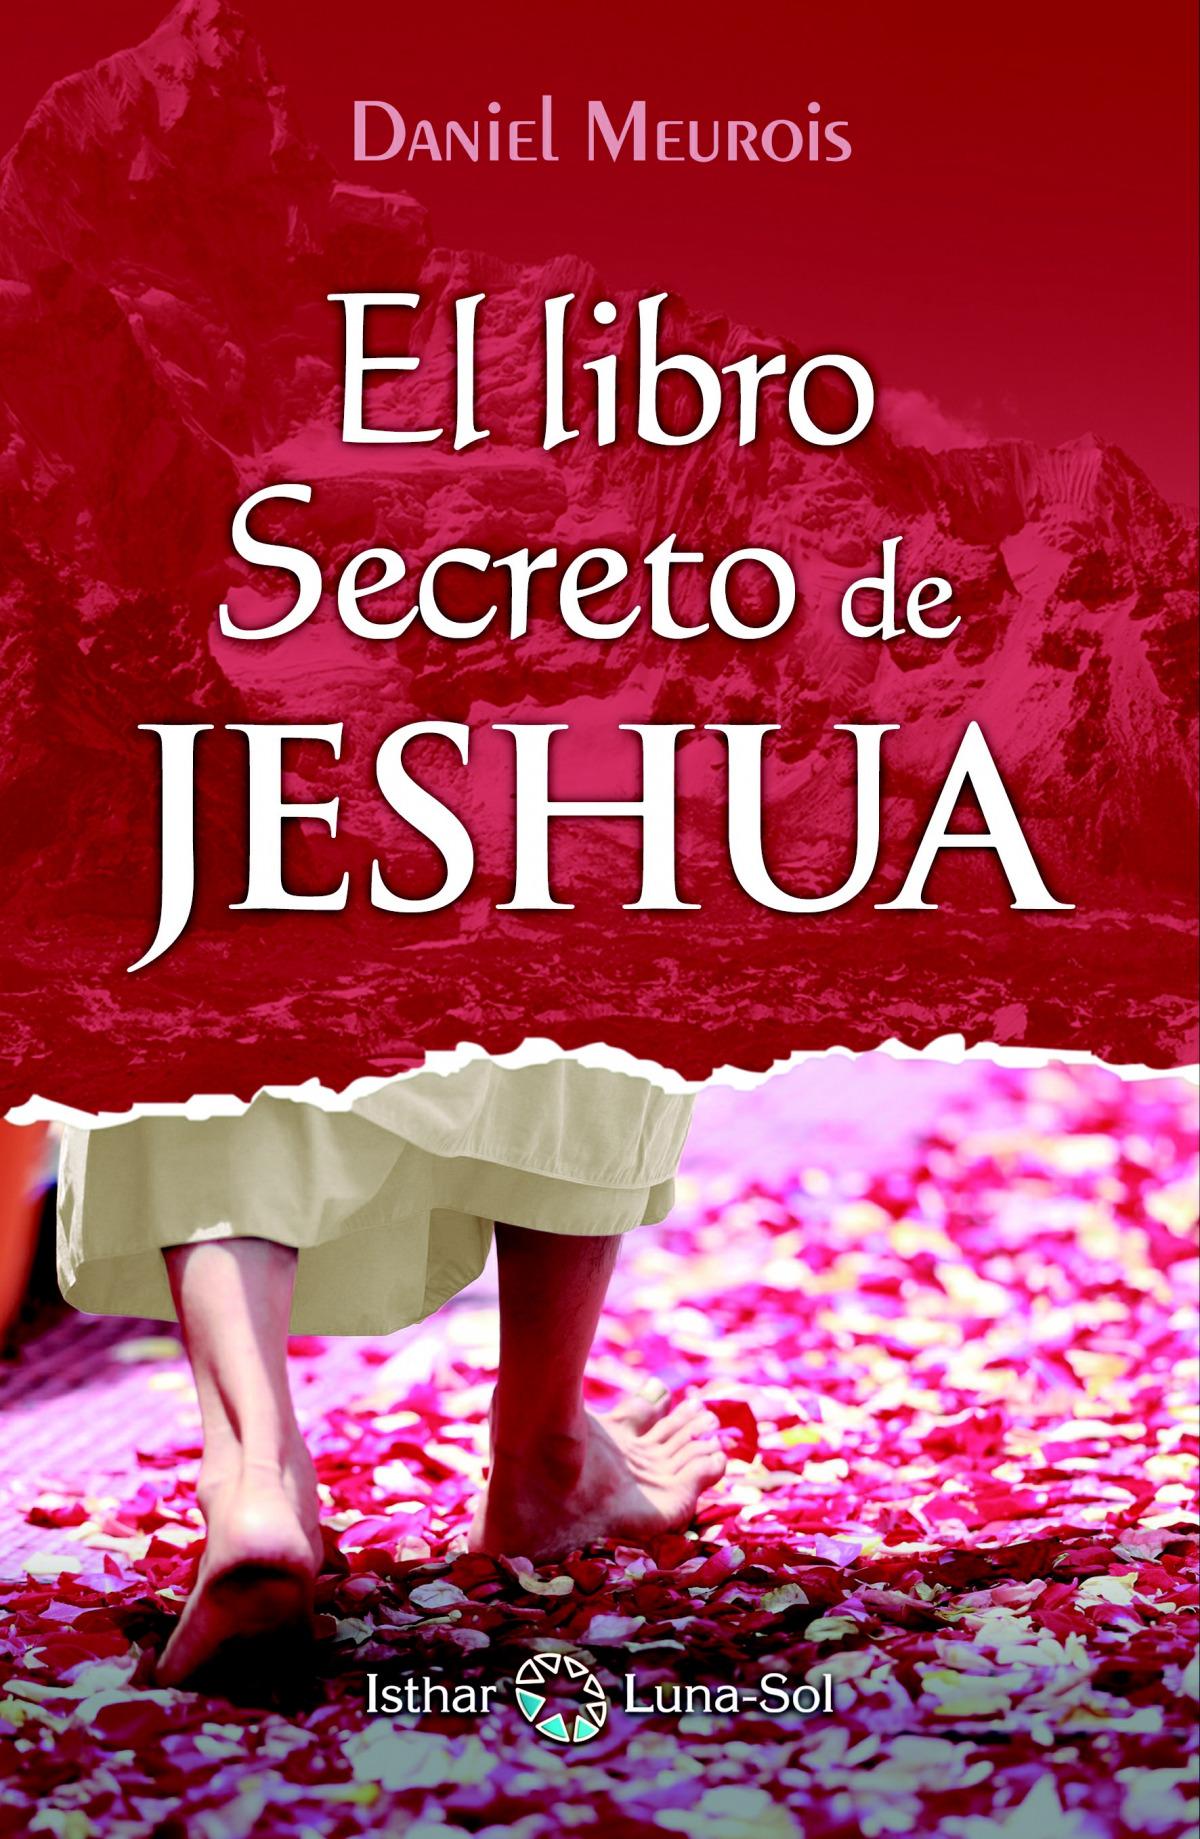 El libro secreto de jeshua 9788494525926